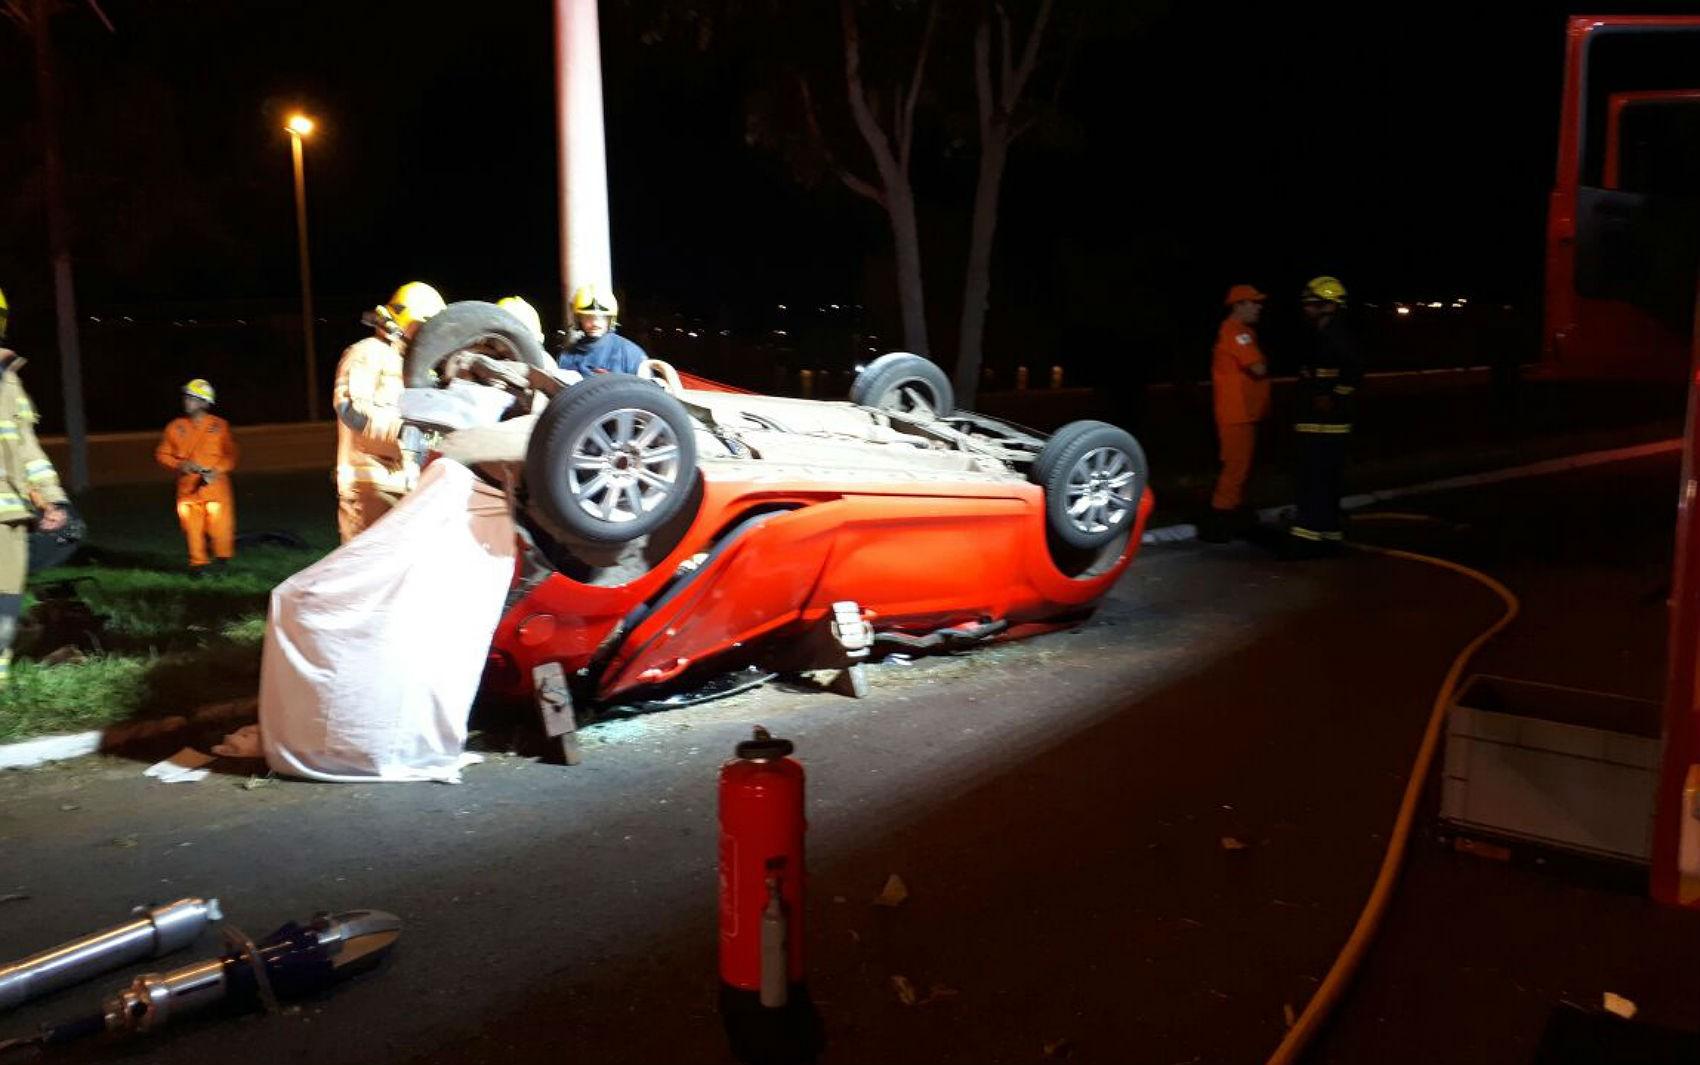 Ministério Público do DF pede prisão preventiva de motoristas acusados por acidente na L4 Sul